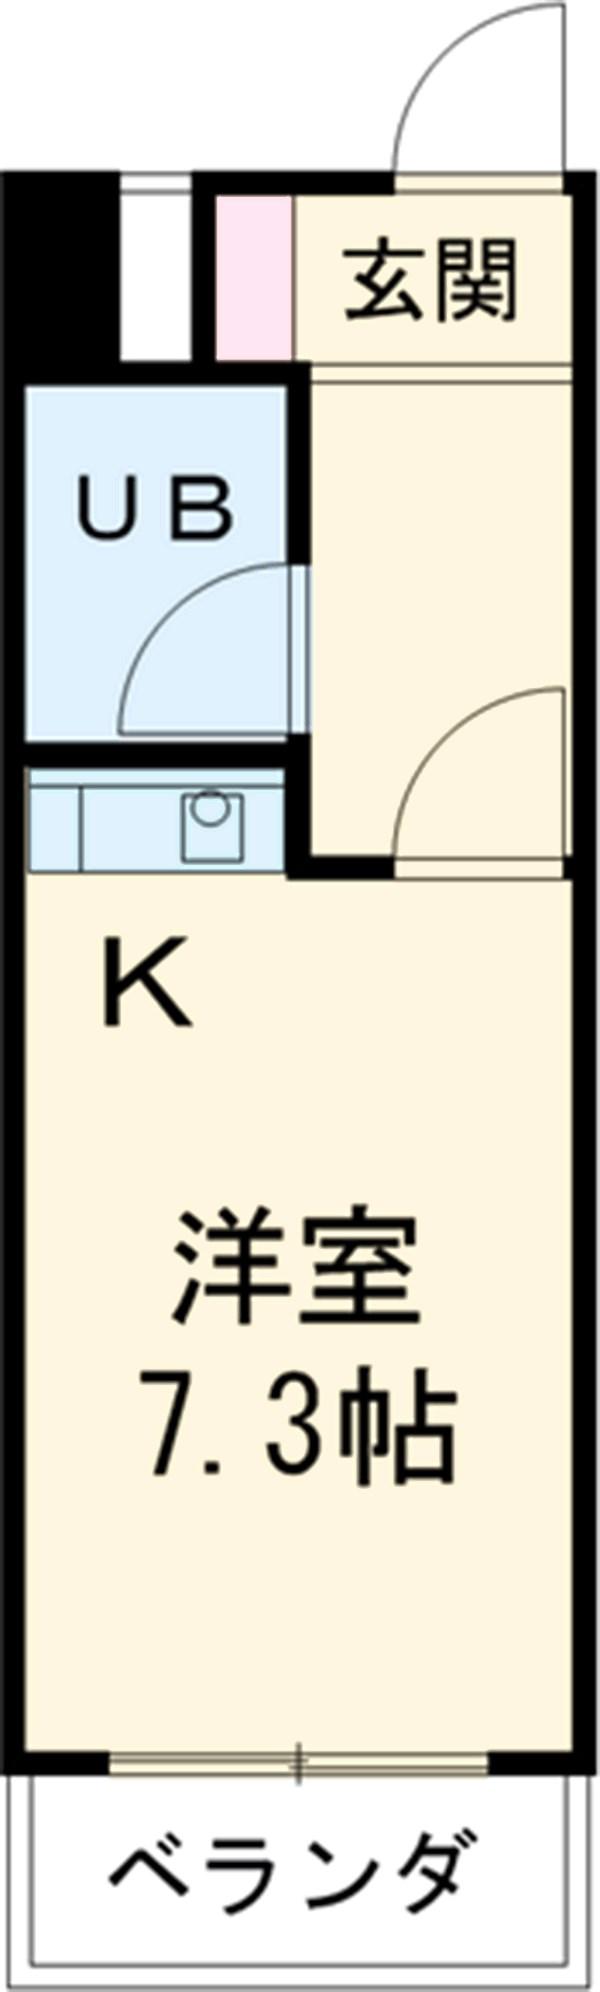 菱田ビル 403号室の間取り